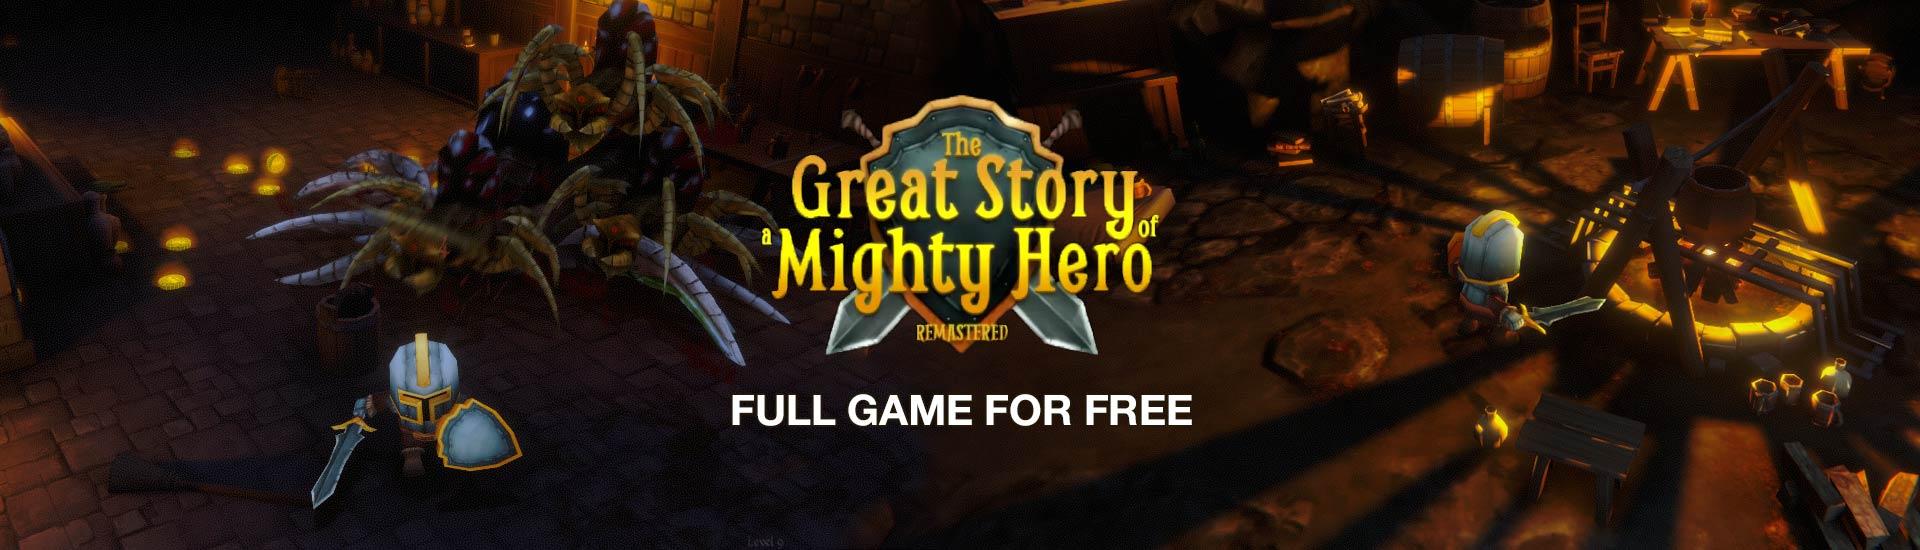 Get The Great Story of a Mighty Hero - Remastered nu gratis te downloaden bij Indiegala